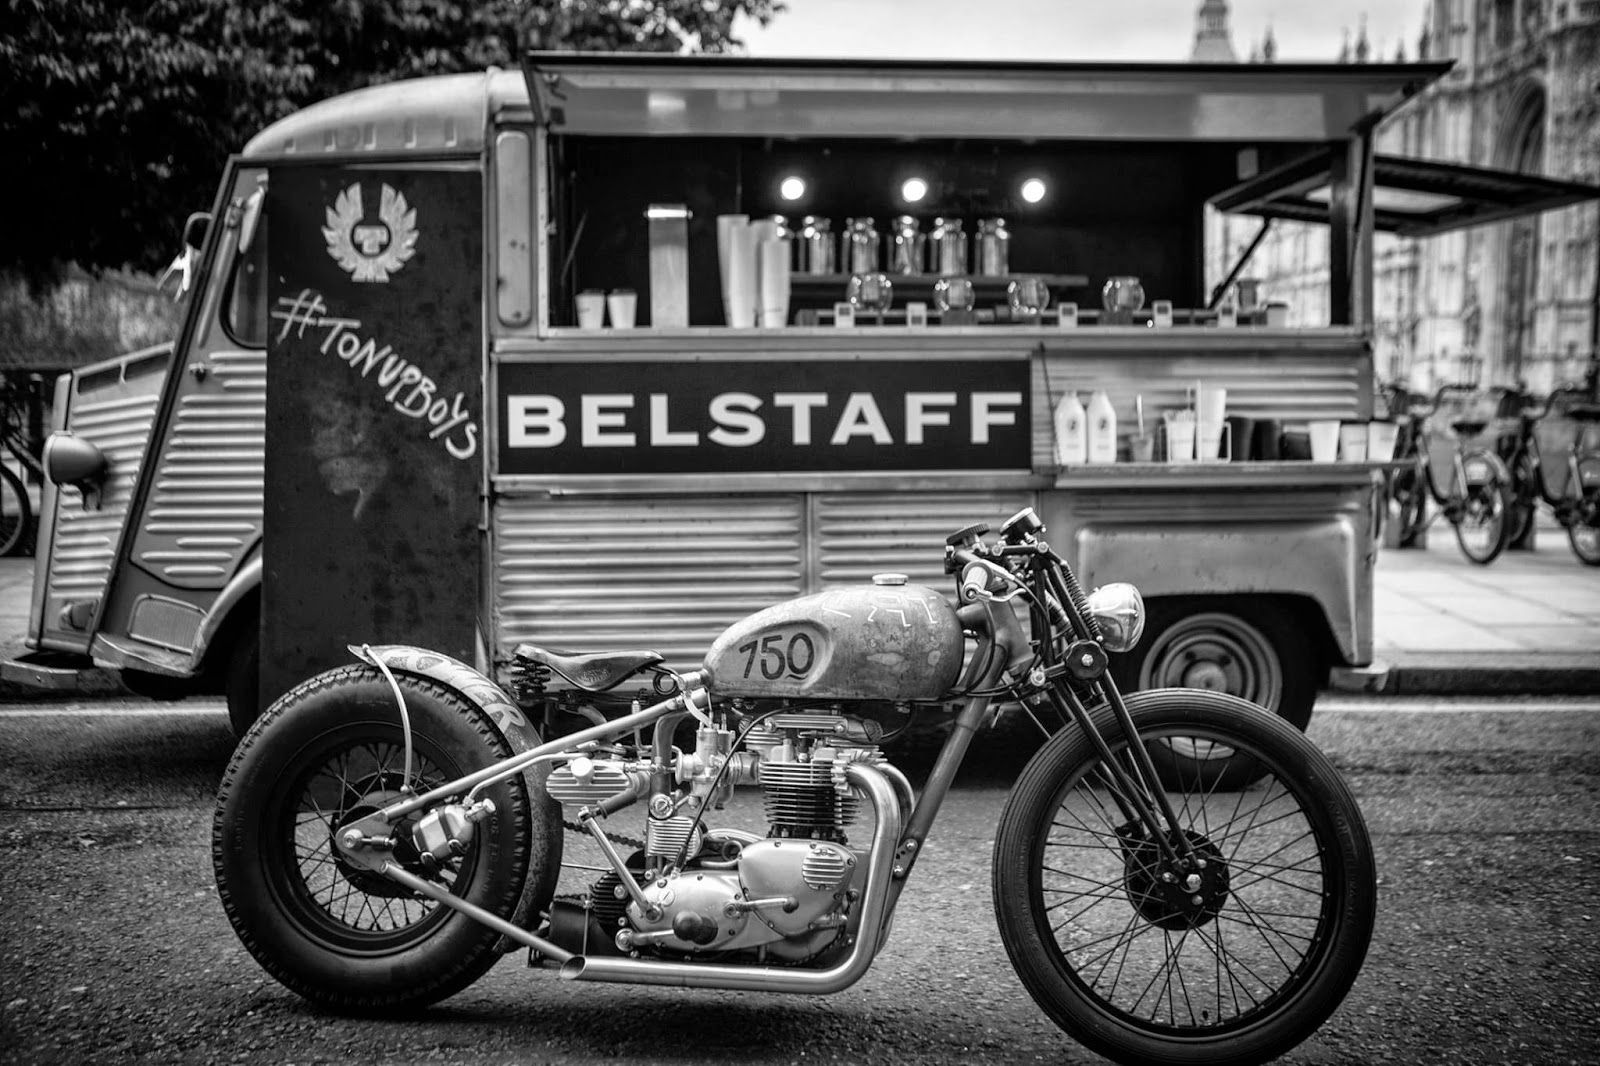 RocketGarage Cafe Racer: BELSTAFF COLLECTION: TON-UP BOYS